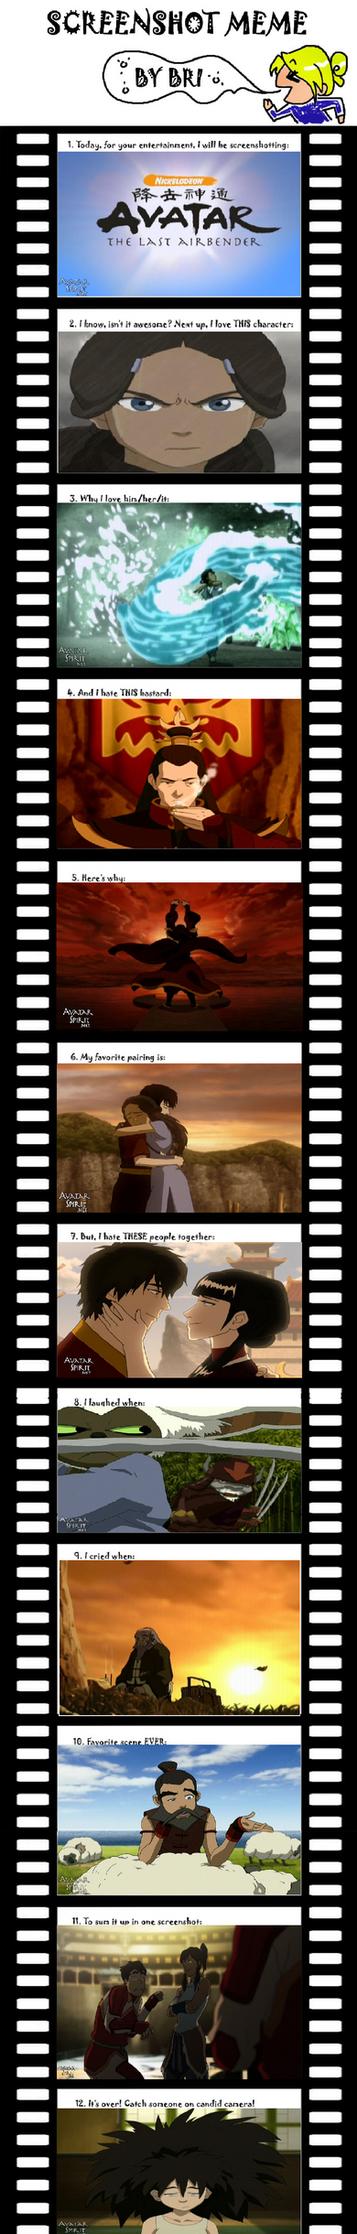 Avatar Meme by HerosofOlympus